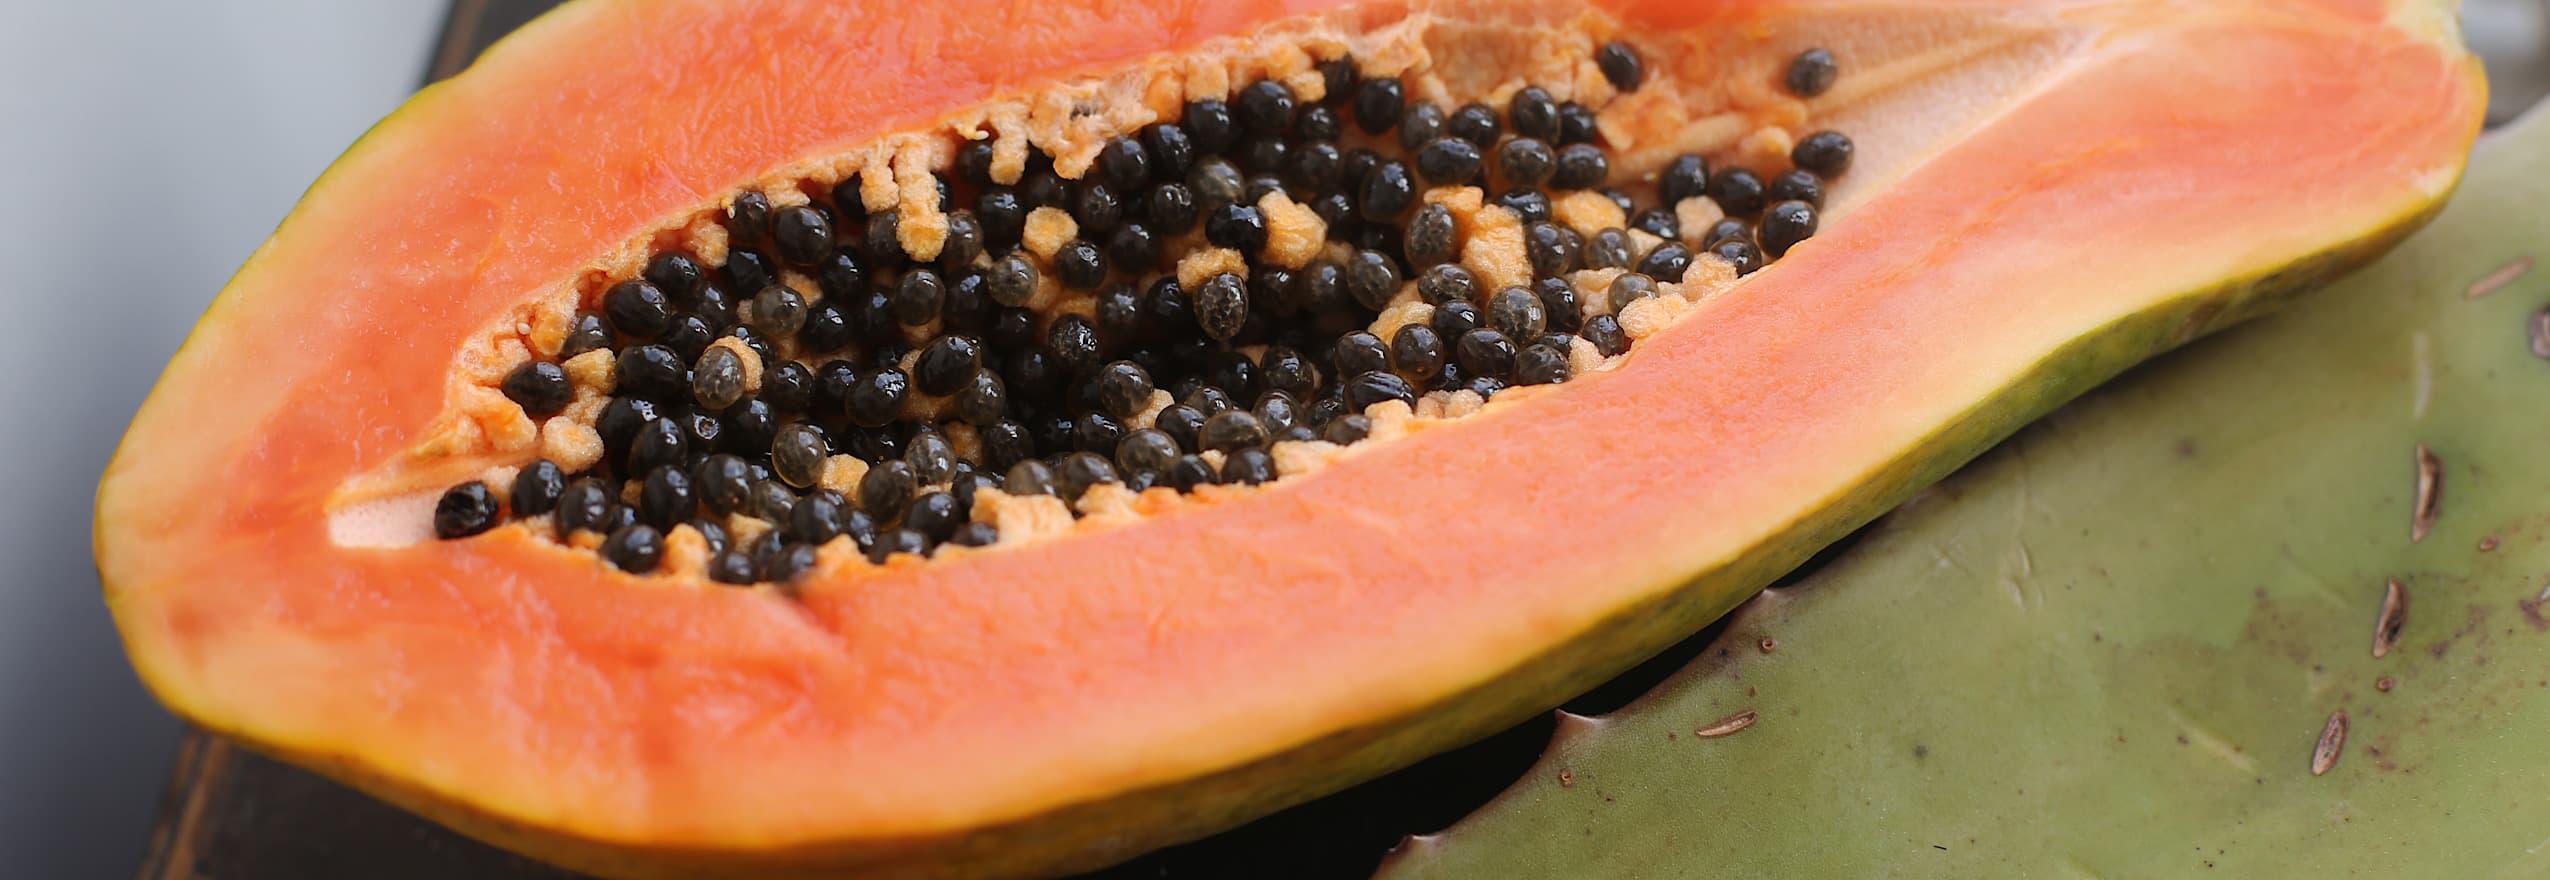 Guava close-up